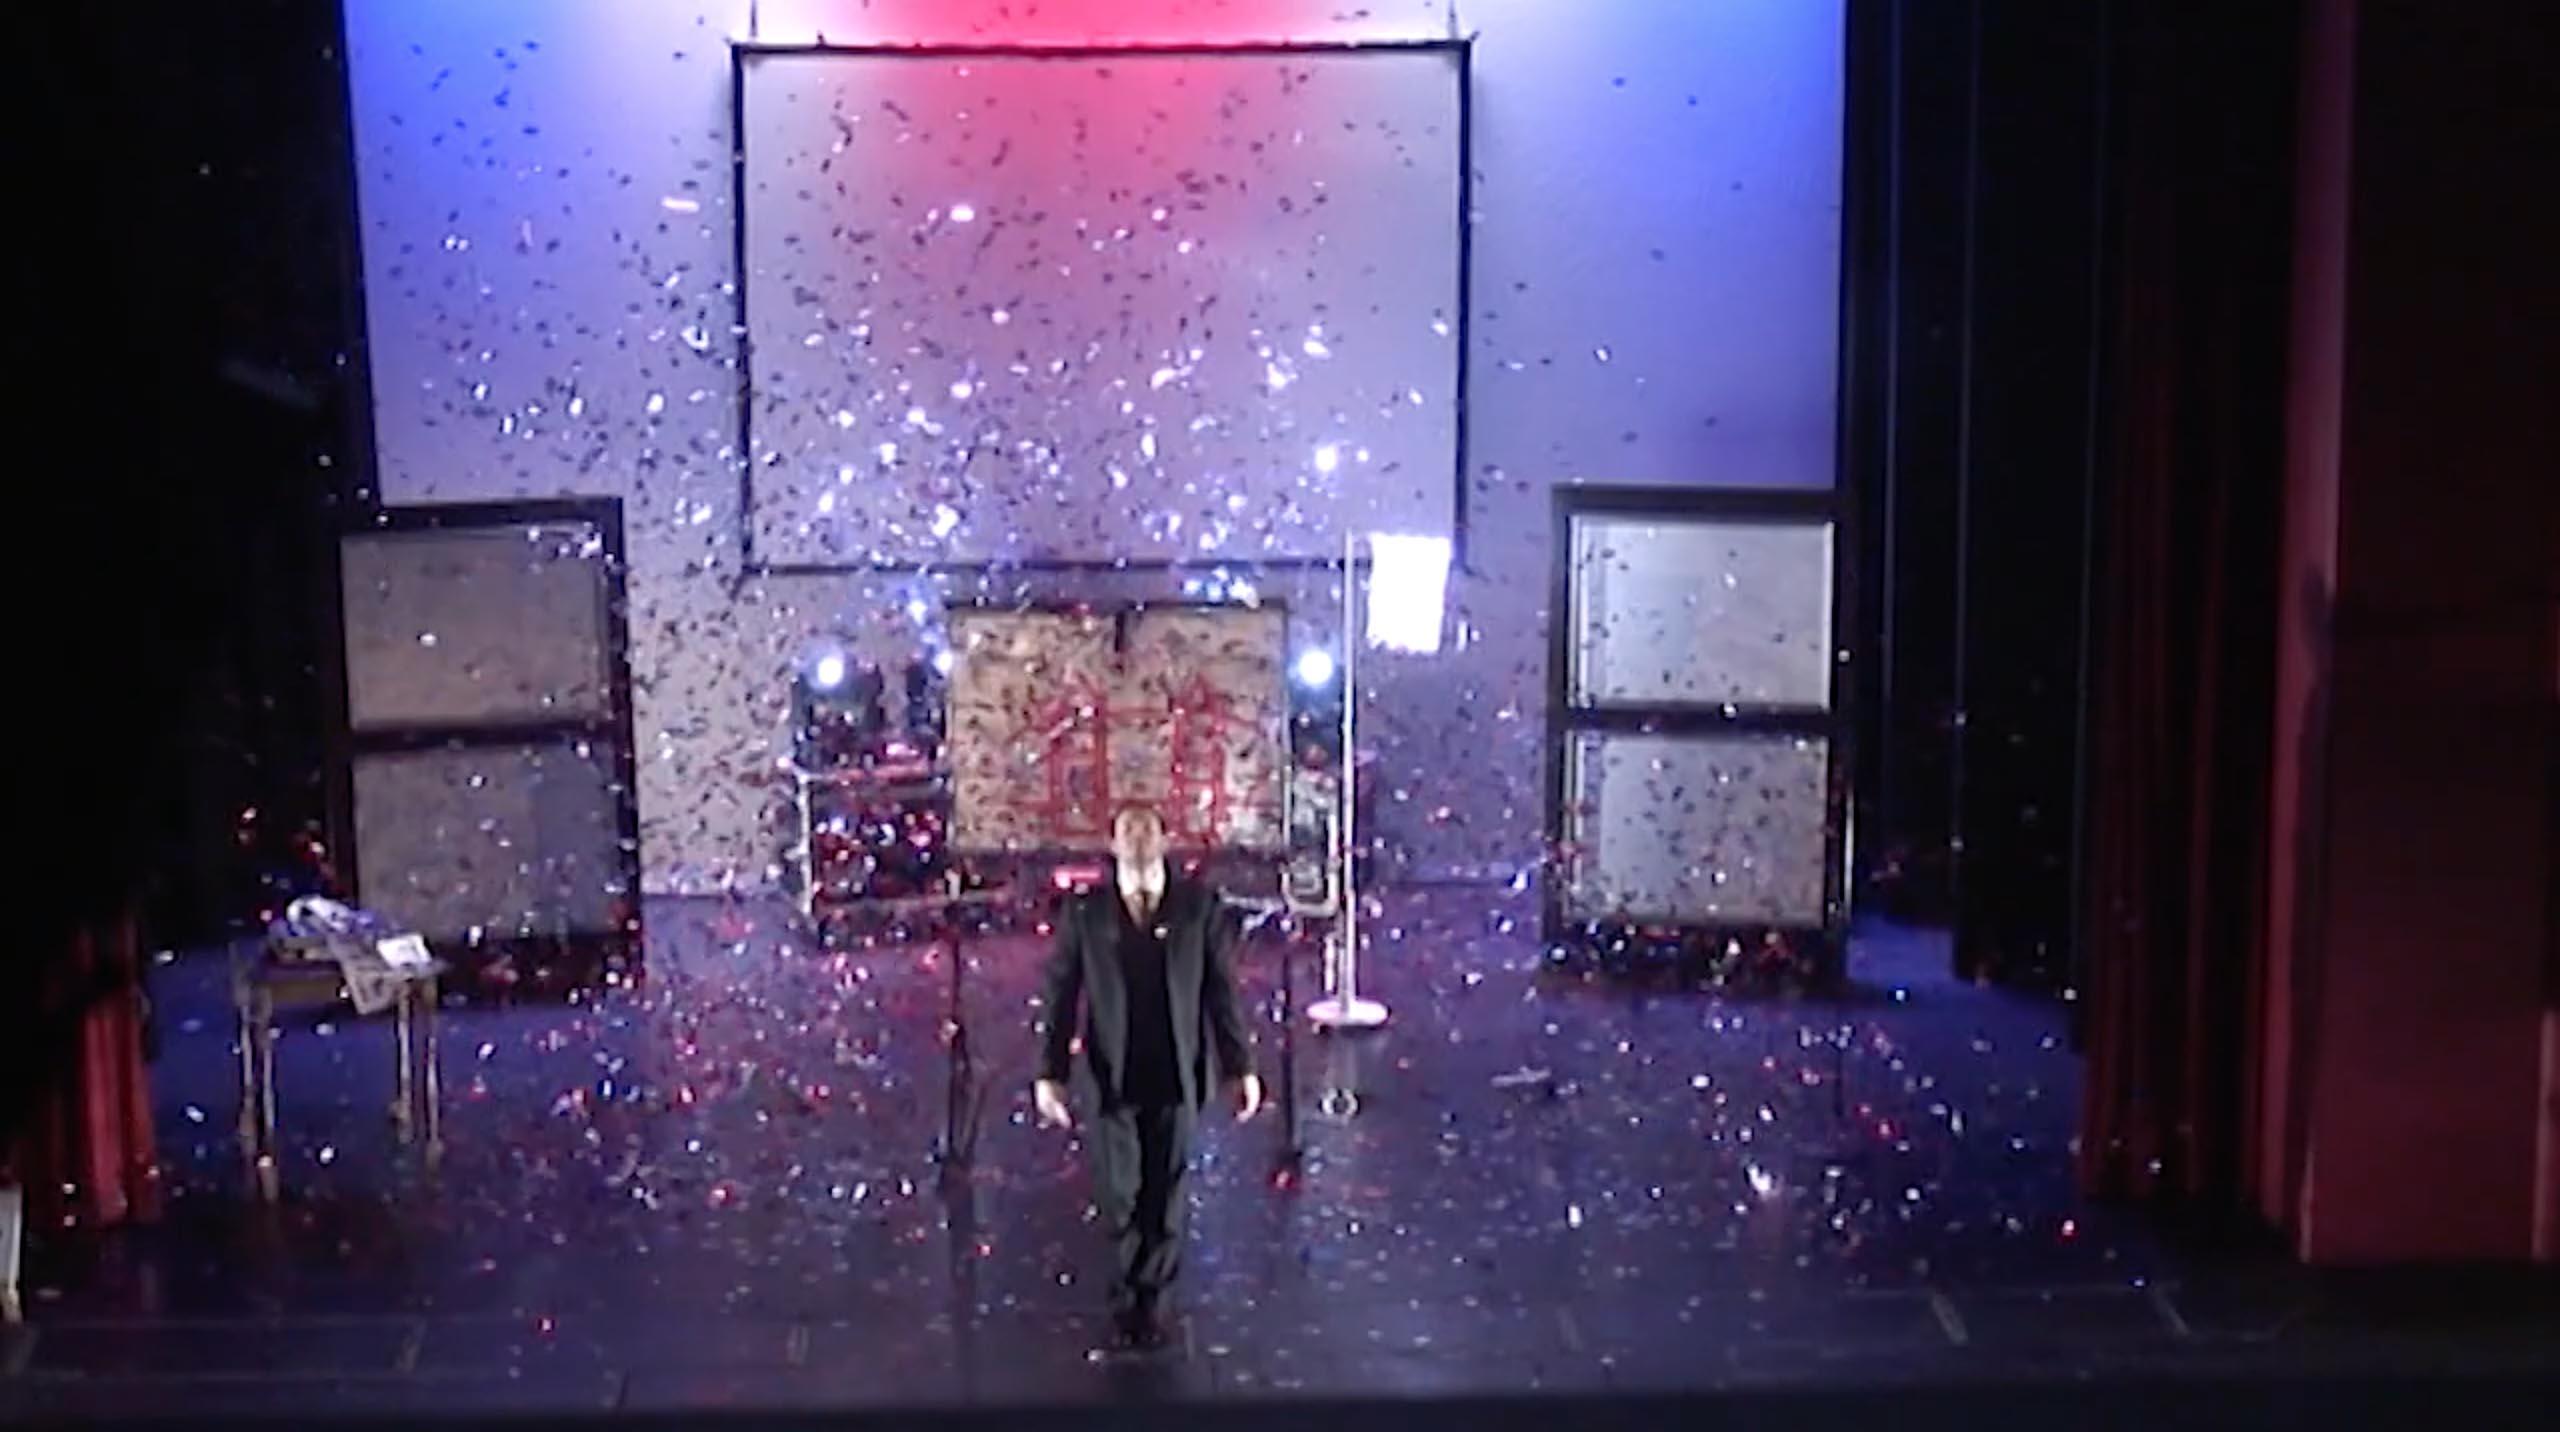 Confetti falls in finale of theatre show mind games